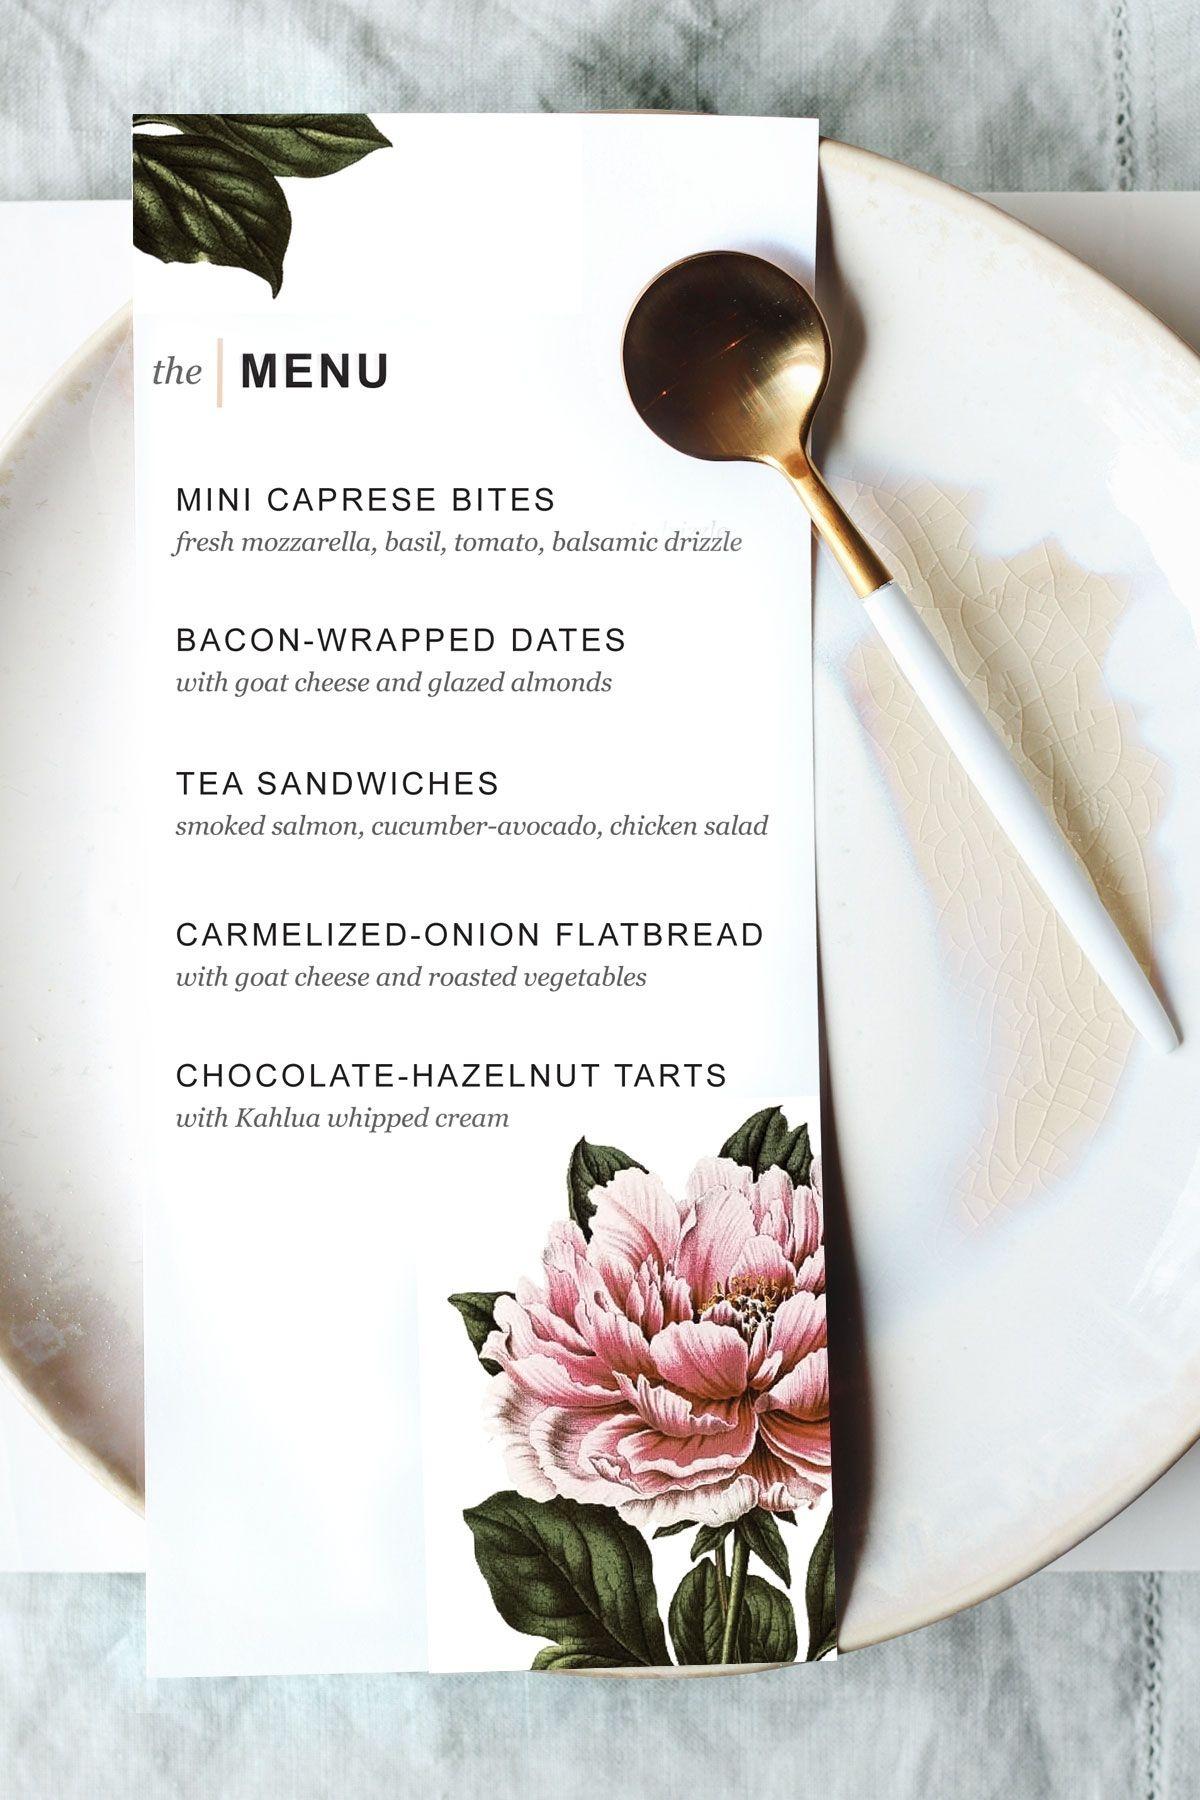 Printable Dinner Party Menu Template | Party Planning | Wedding Menu - Free Printable Menu Maker